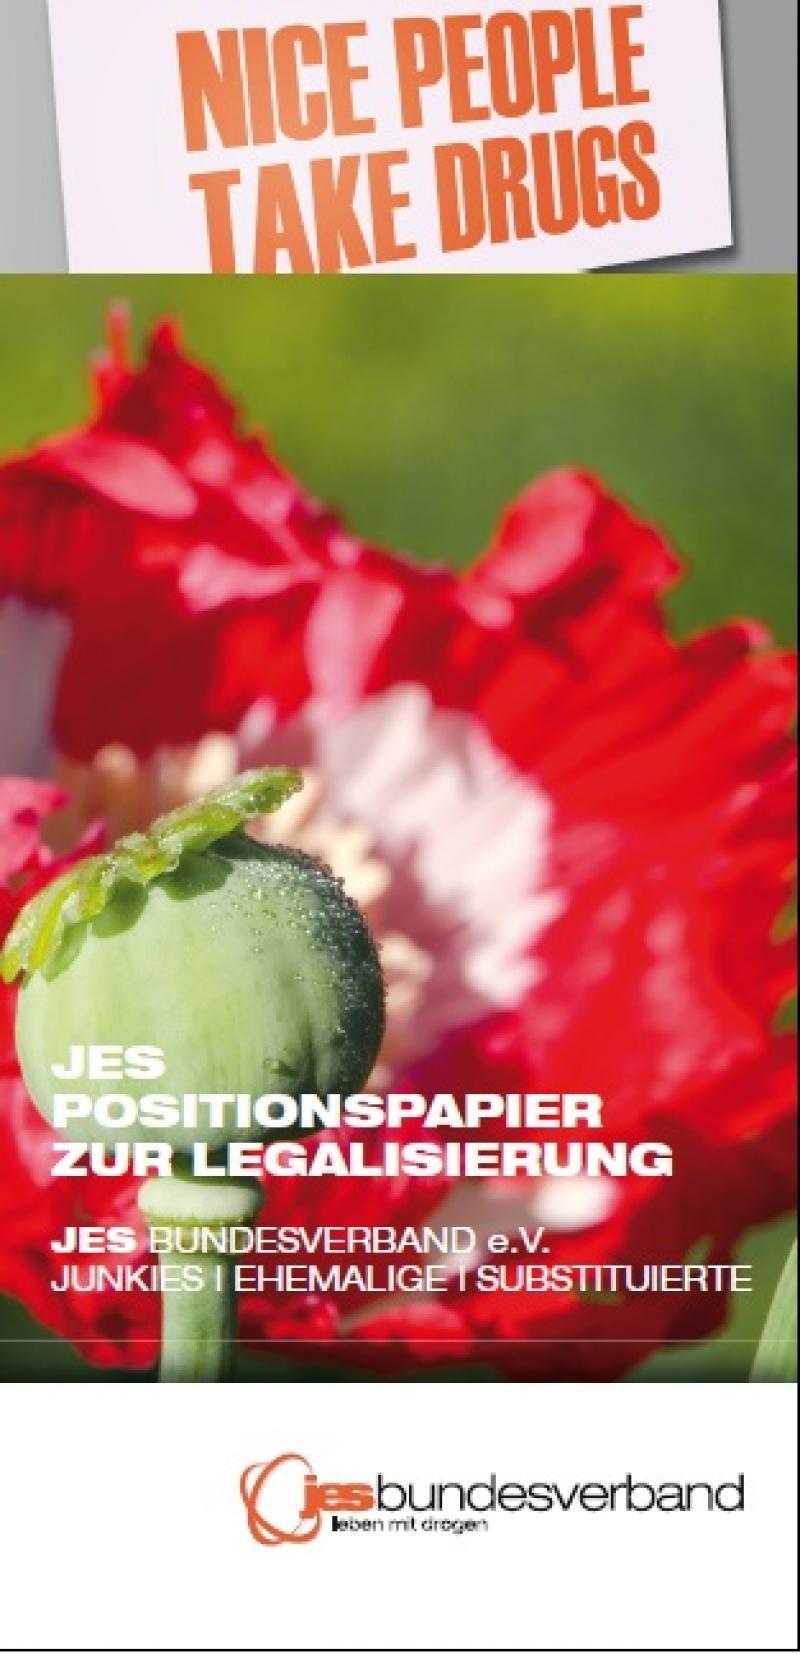 JES Positionspapier zur Legalisierung